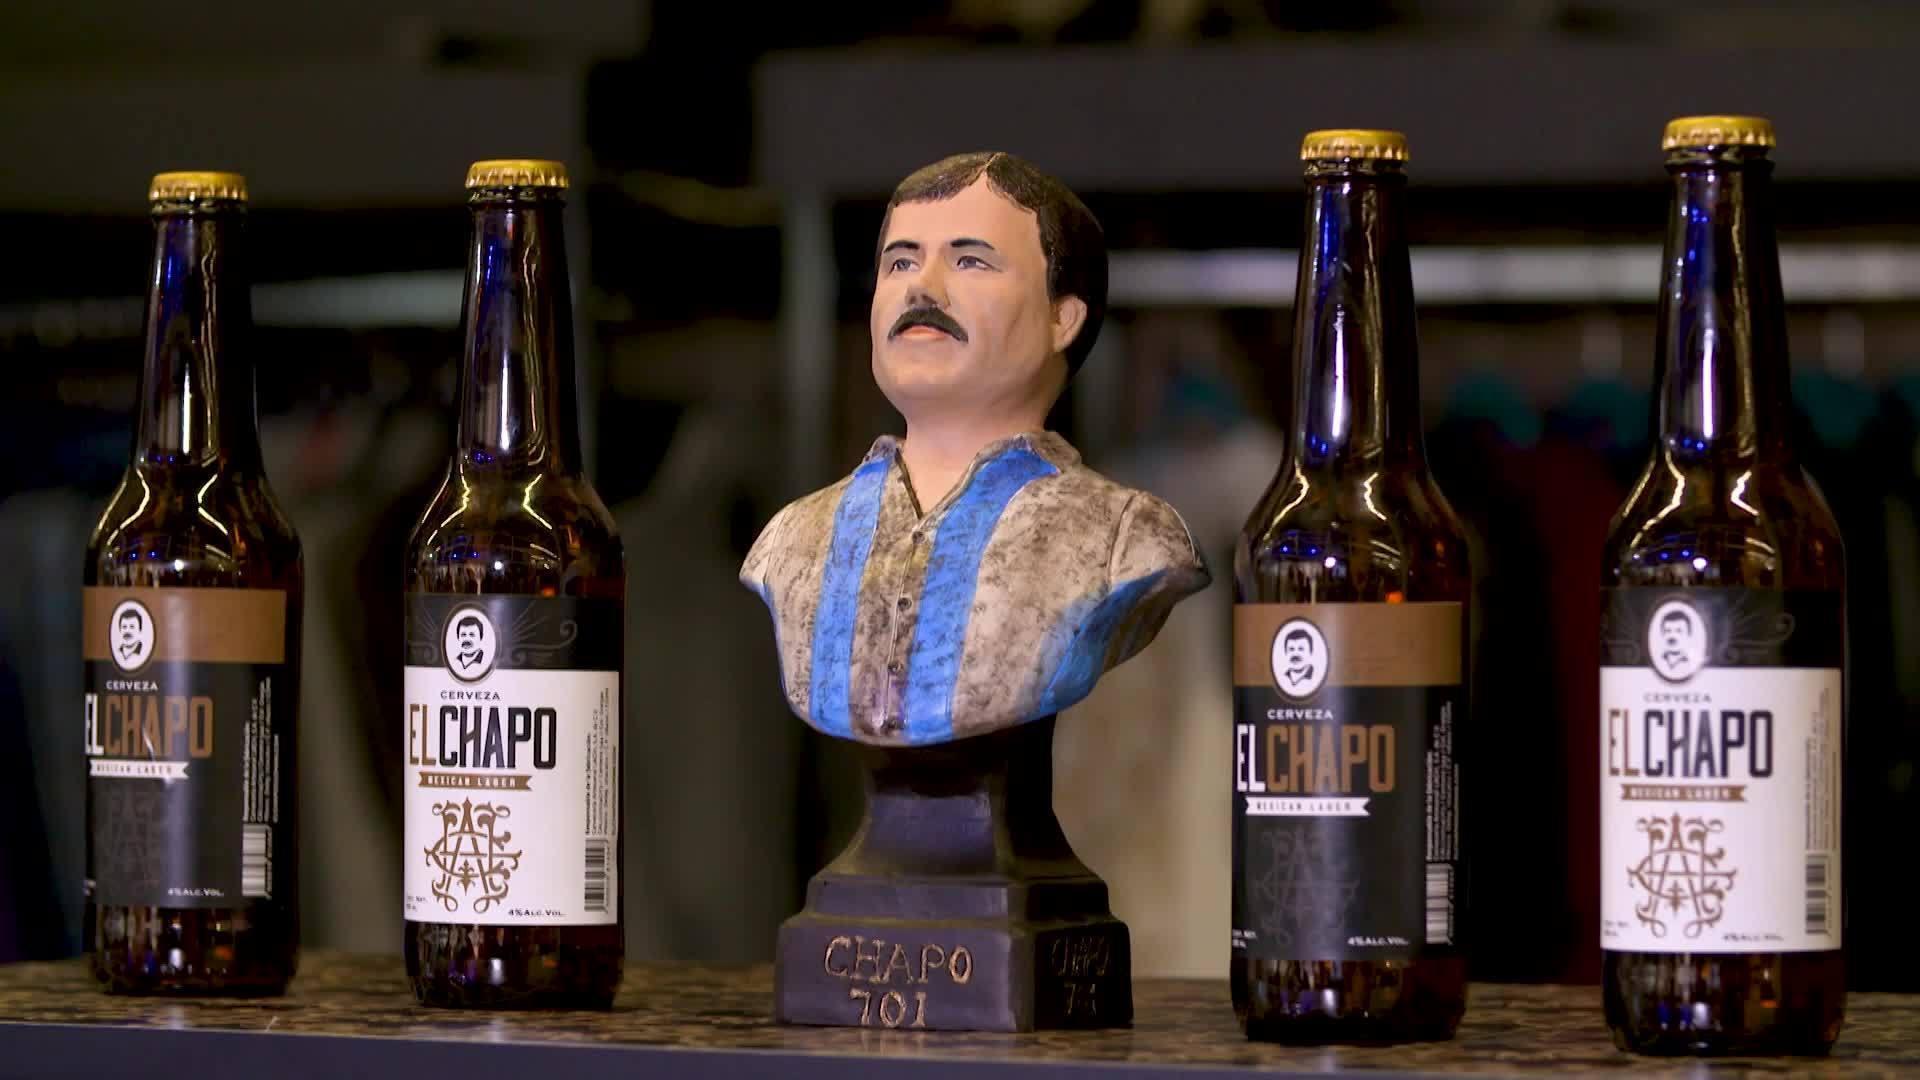 El Chapo ahora tiene una cerveza